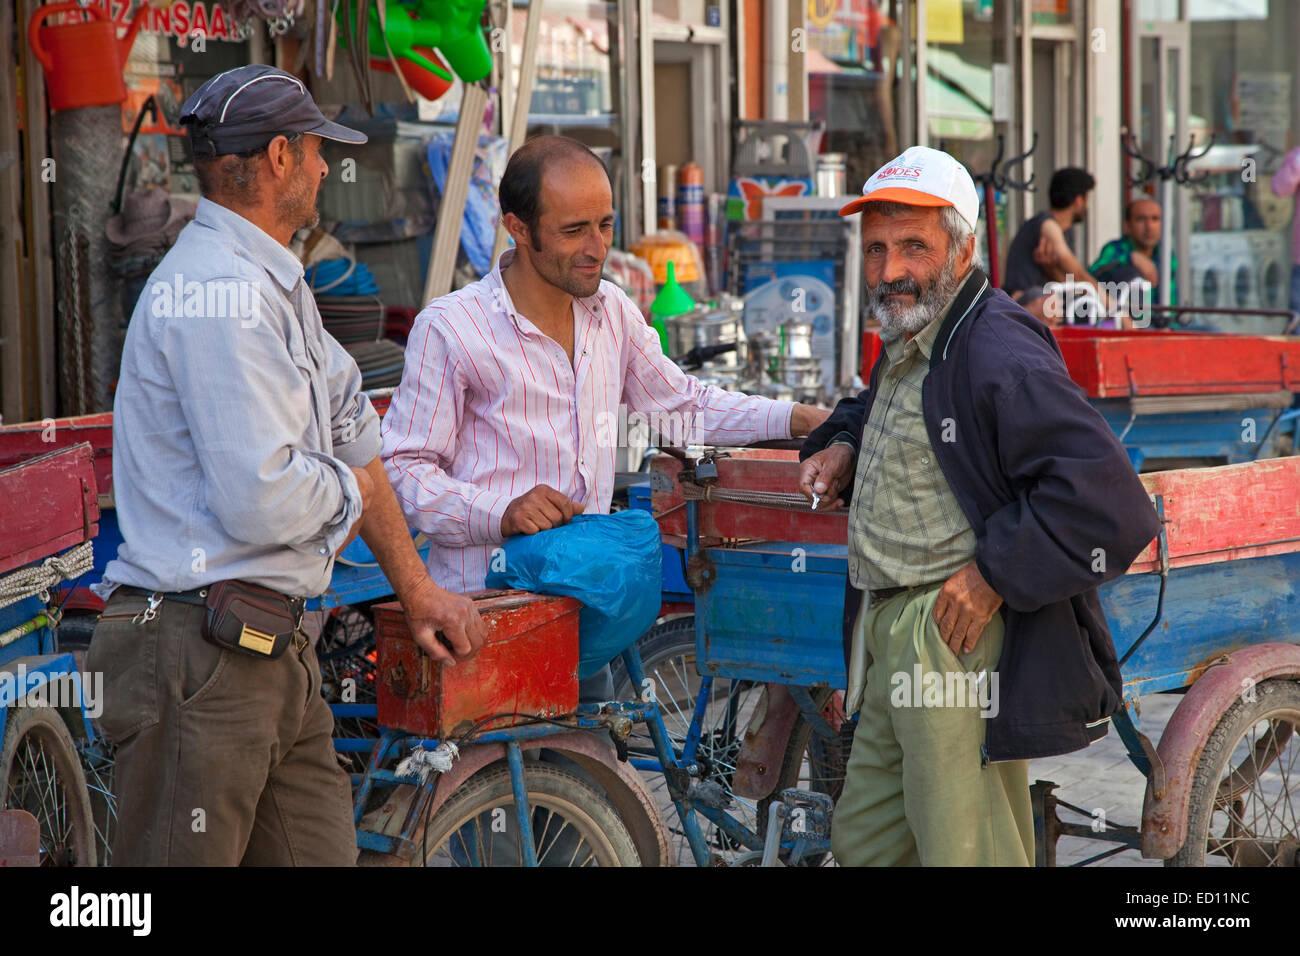 Bagno turco uomini chiacchierando in una strada dello shopping nella città di Van, Turchia orientale Immagini Stock